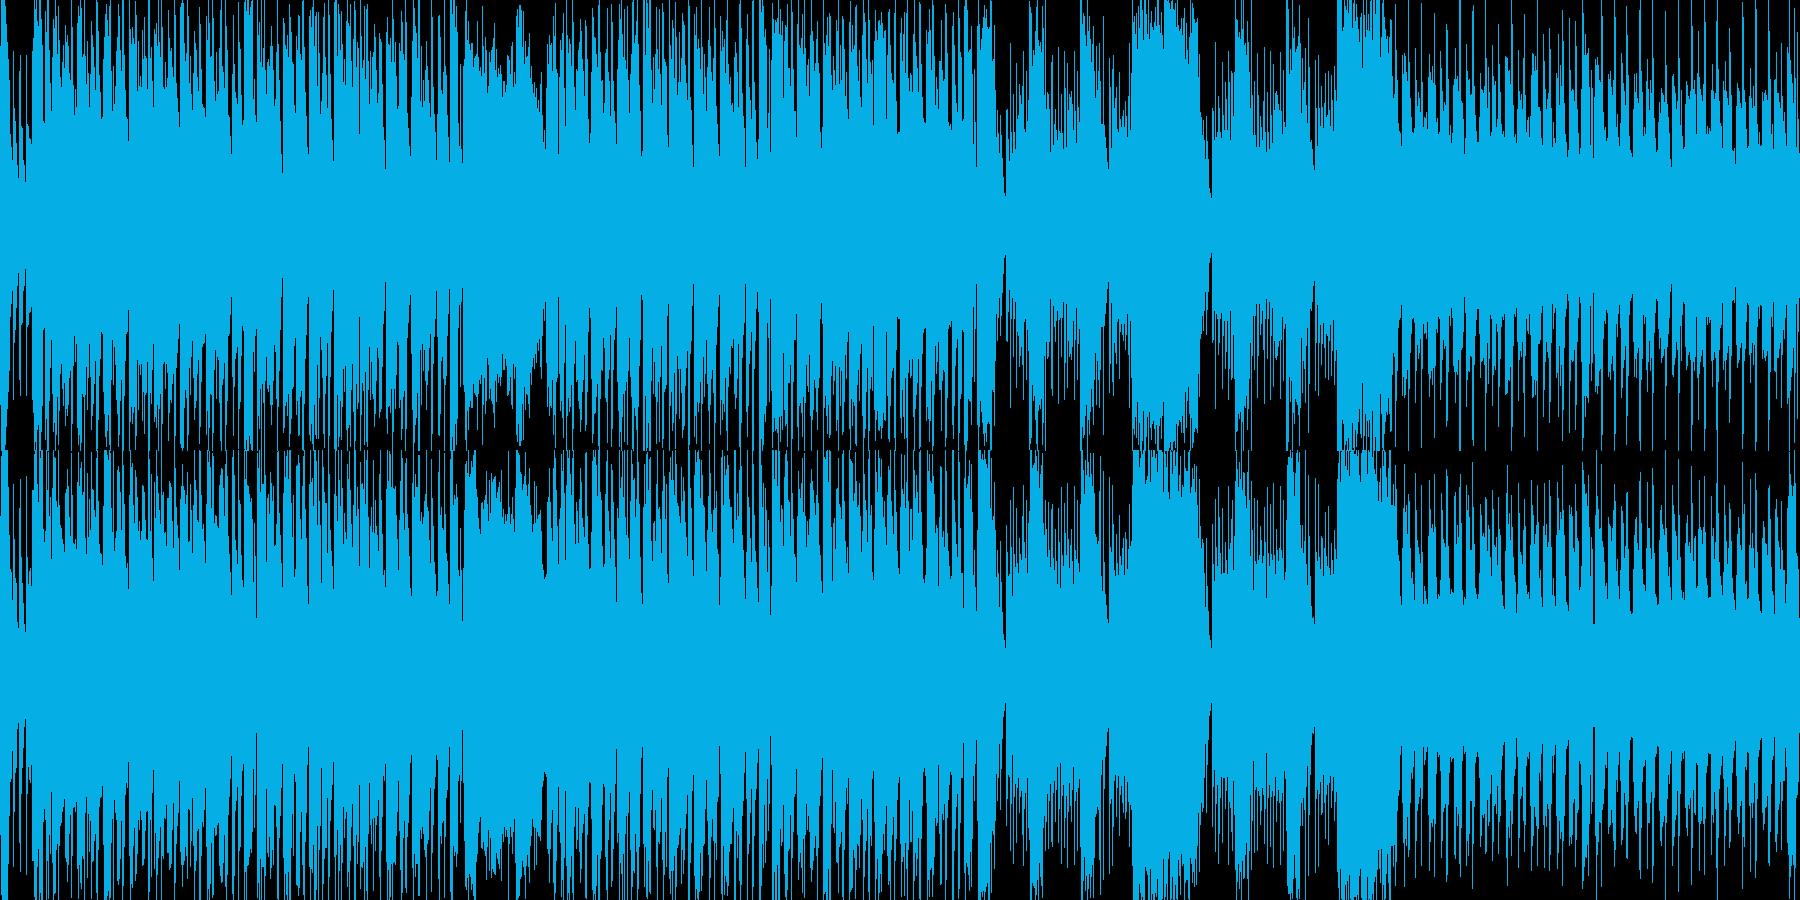 ドタバタ大慌て!かわいいアコースティックの再生済みの波形